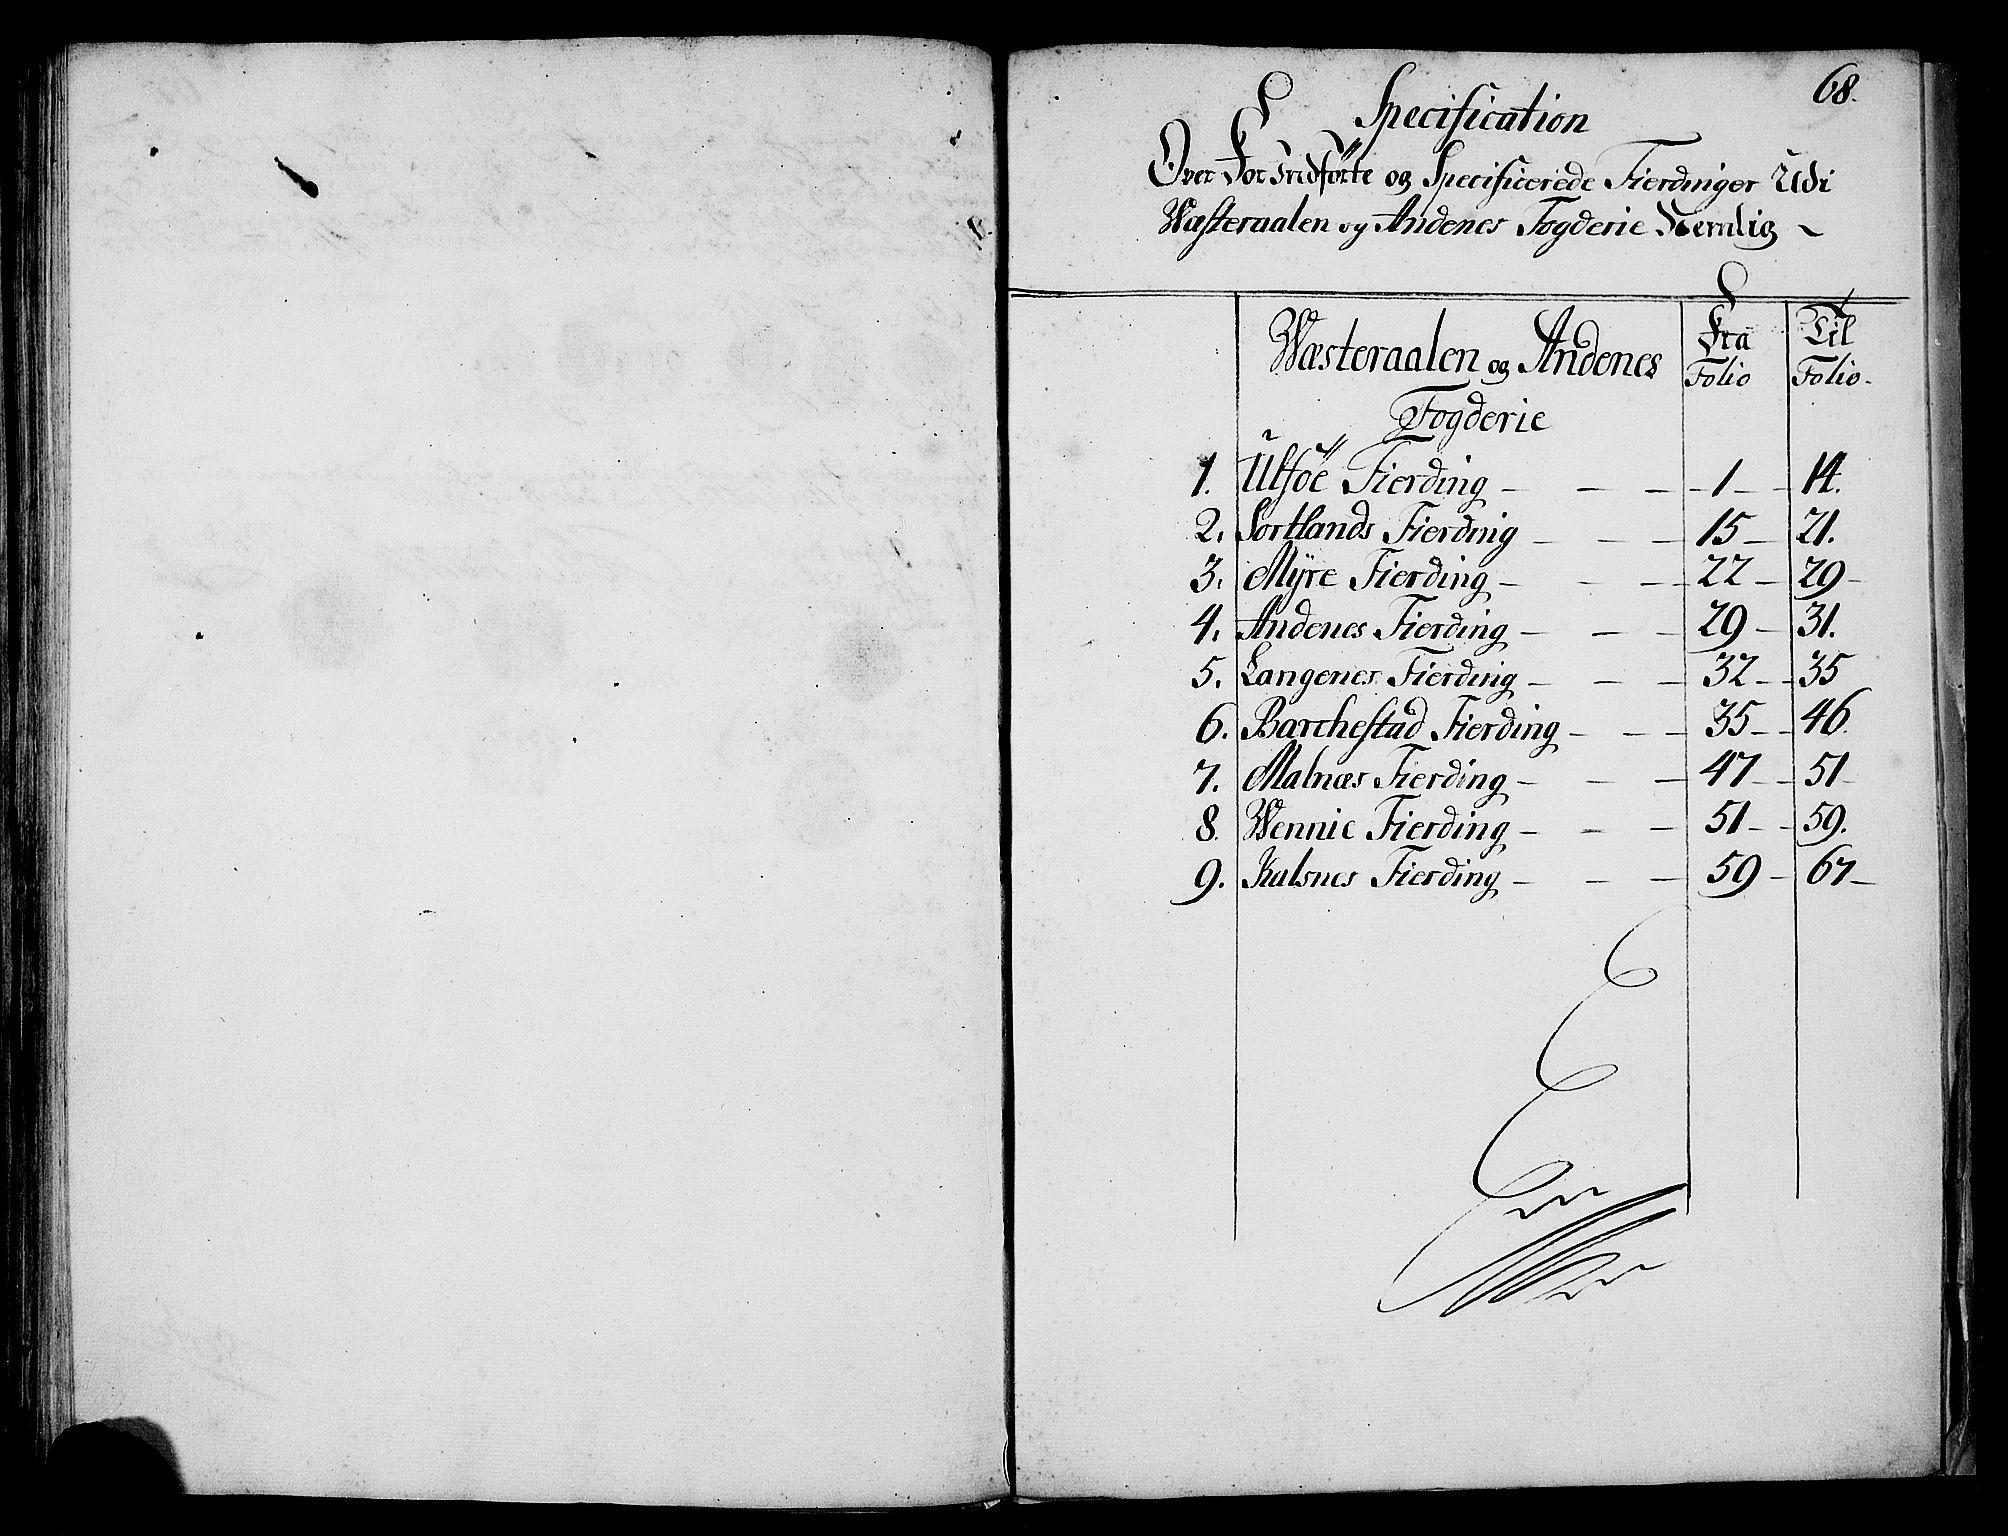 RA, Rentekammeret inntil 1814, Realistisk ordnet avdeling, N/Nb/Nbf/L0176: Vesterålen og Andenes eksaminasjonsprotokoll, 1723, s. 67b-68a